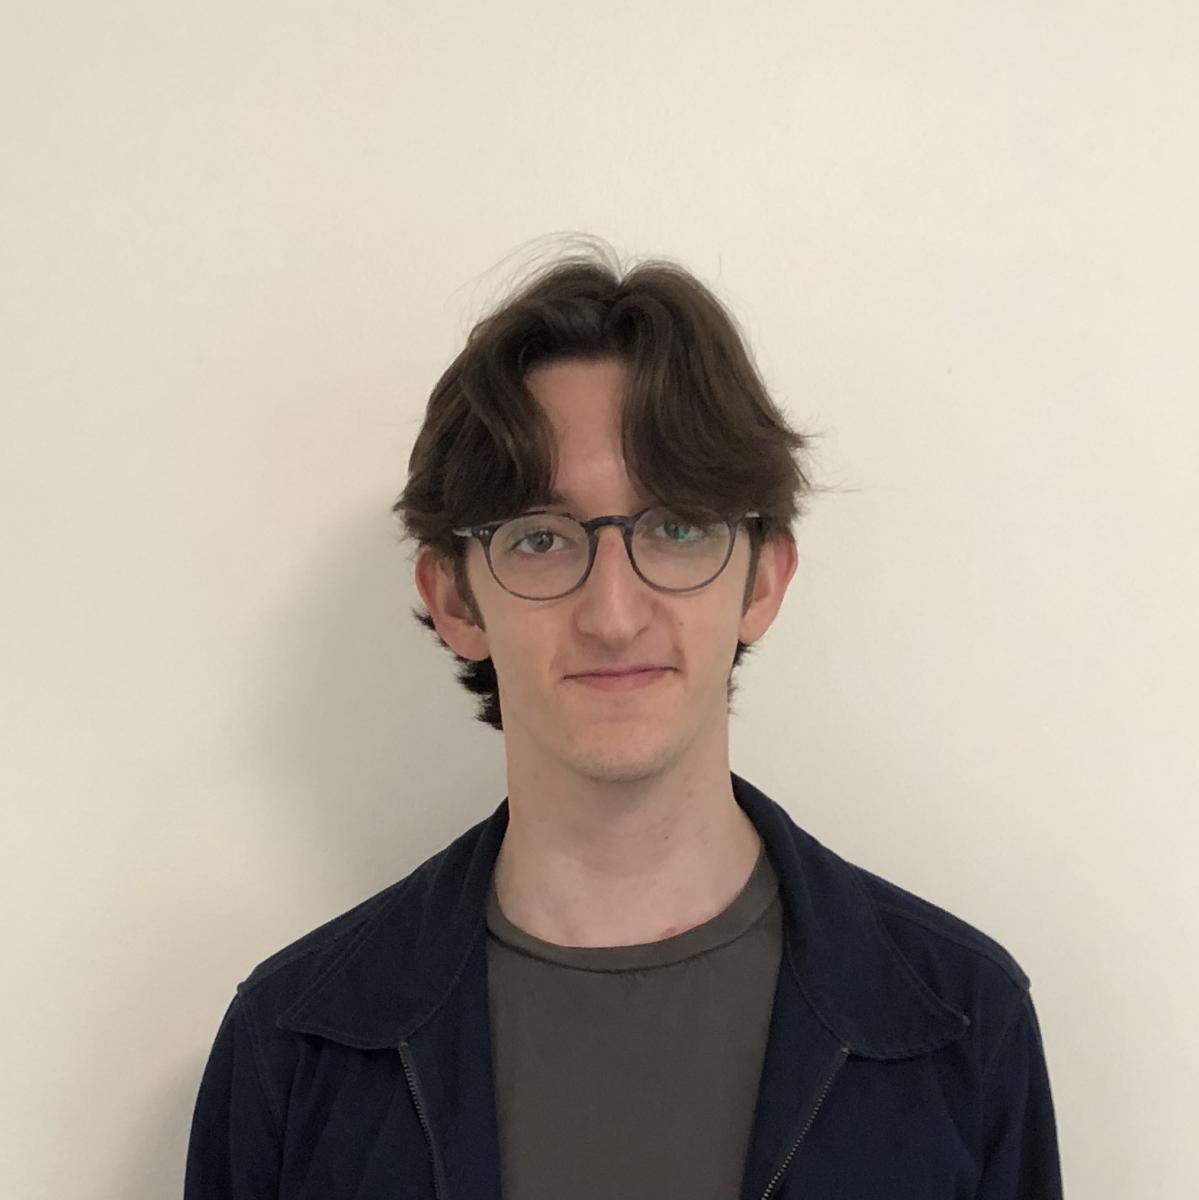 Eric Dickstein, Staff